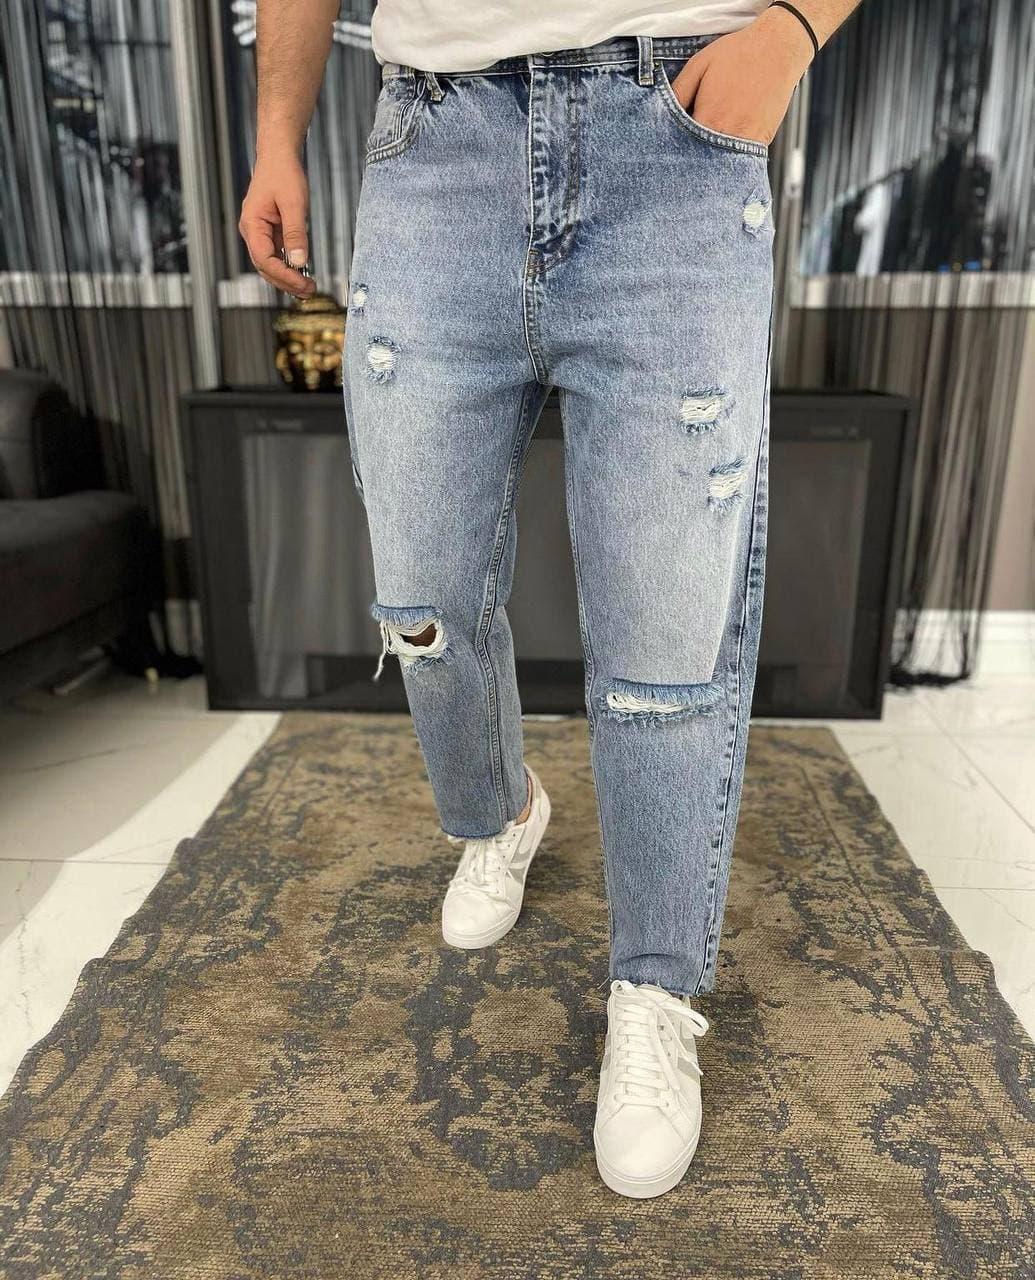 Мужские джинсы прямые МОМ синего цвета рваные